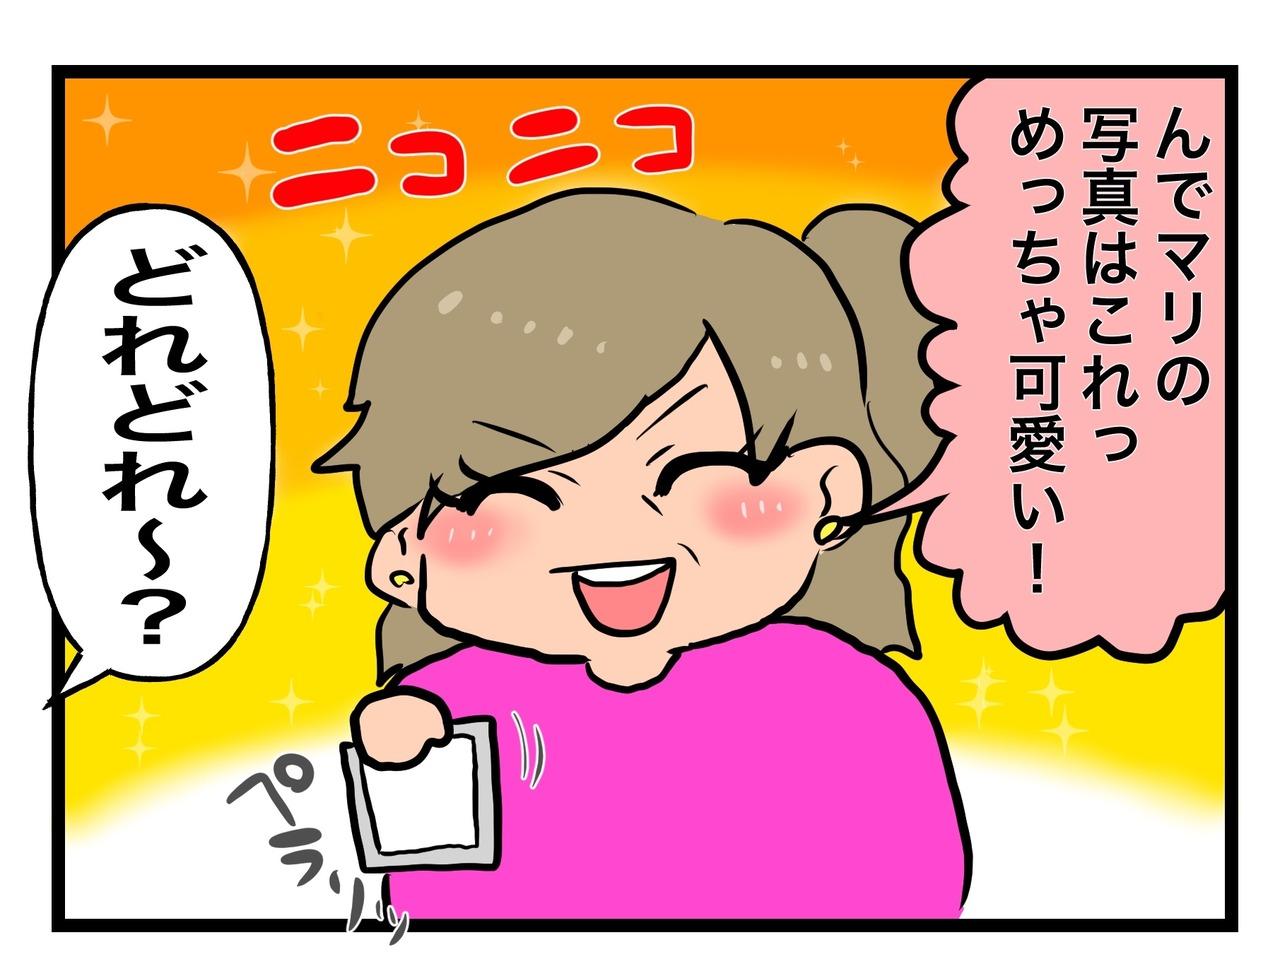 35608546-0986-454F-B12A-2D7669EA82E1